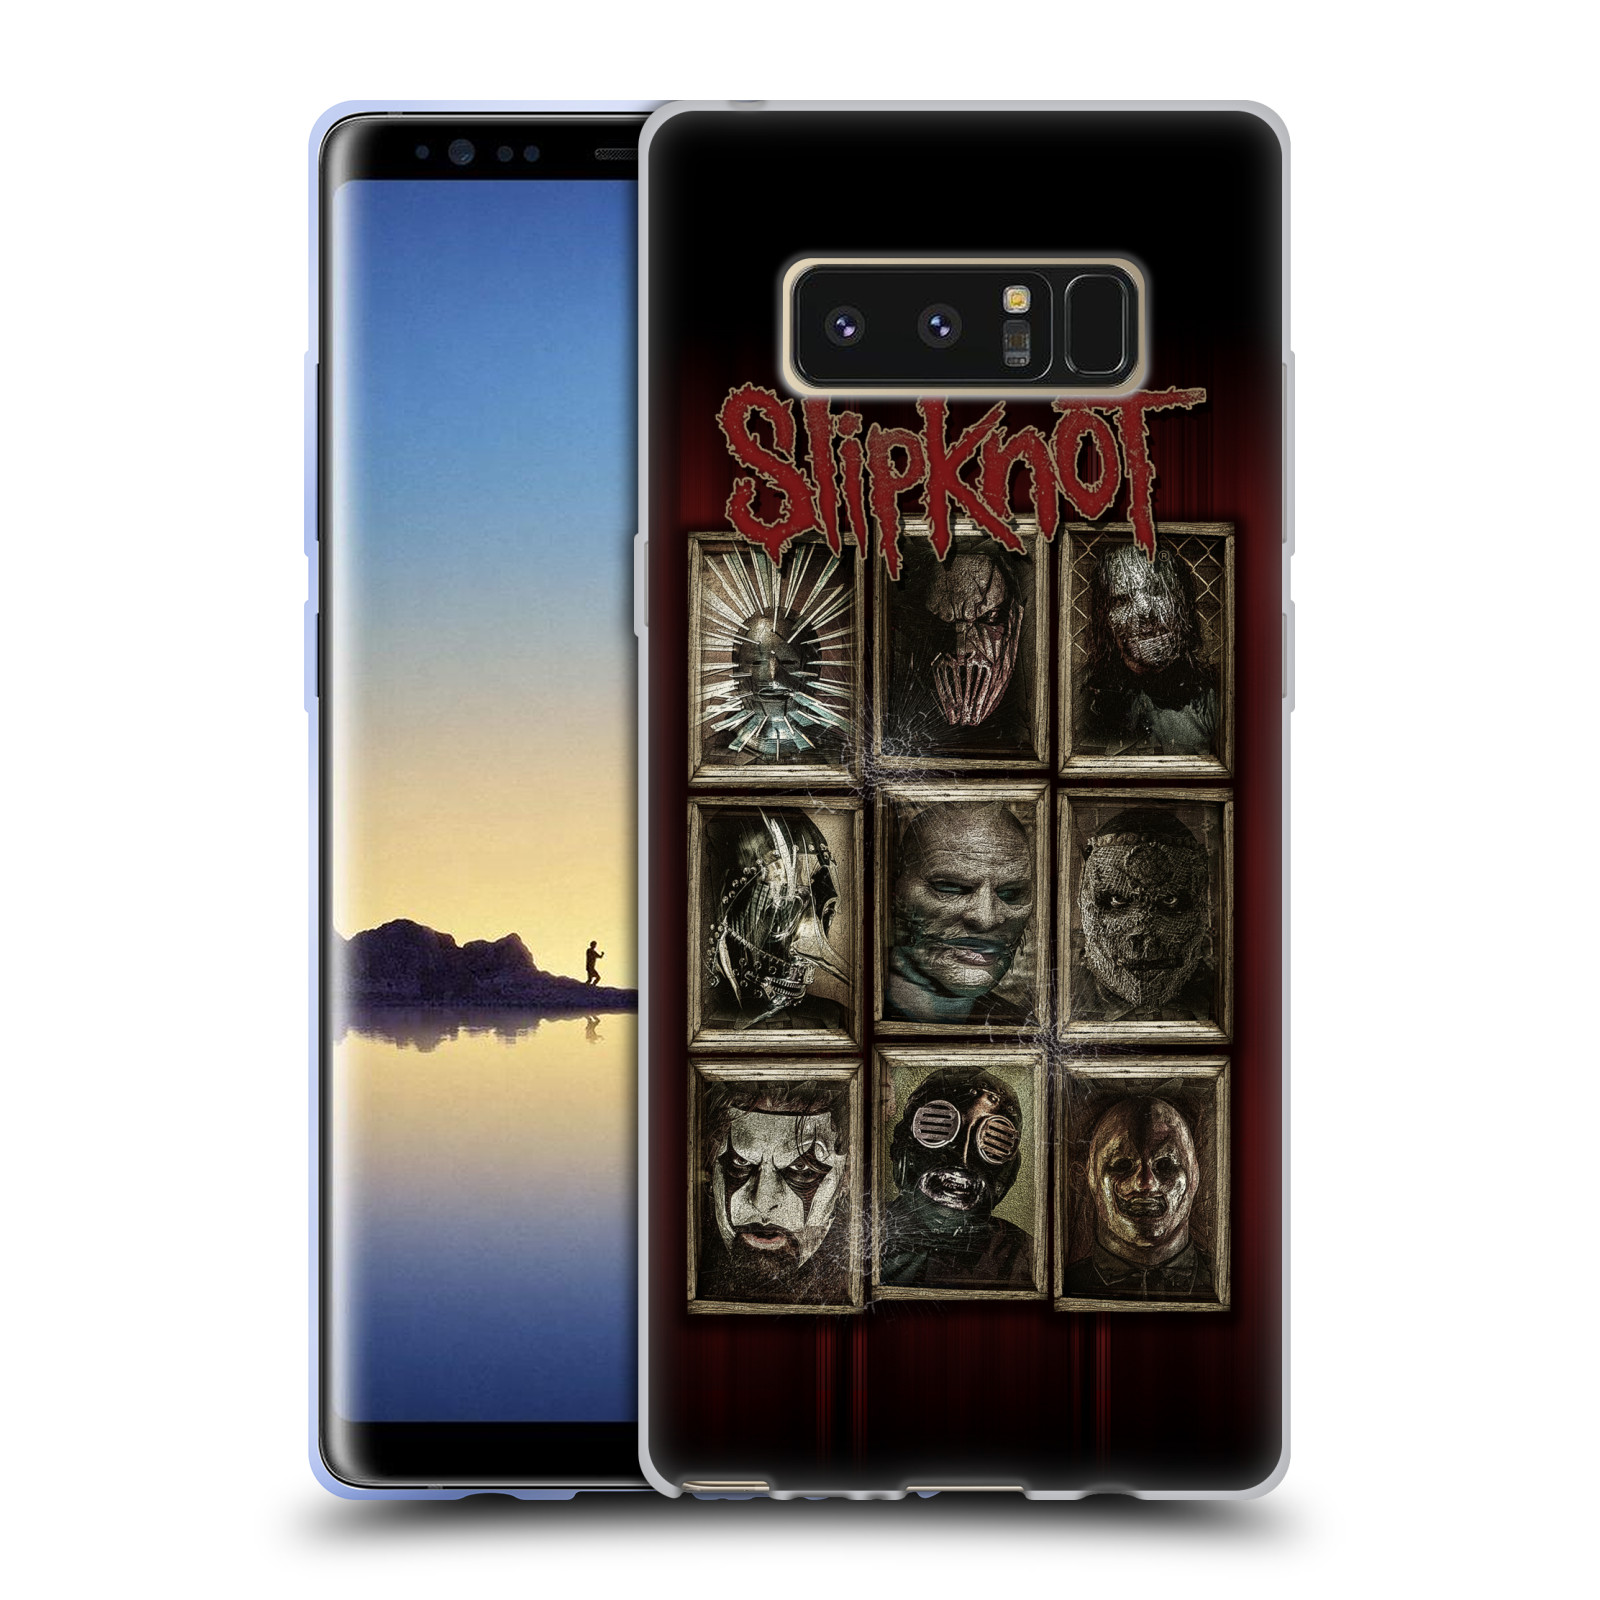 Silikonové pouzdro na mobil Samsung Galaxy Note 8 - Head Case - Slipknot - Masky (Silikonový kryt či obal na mobilní telefon Samsung Galaxy Note 8 SM-N950 s motivem Slipknot - Masky)